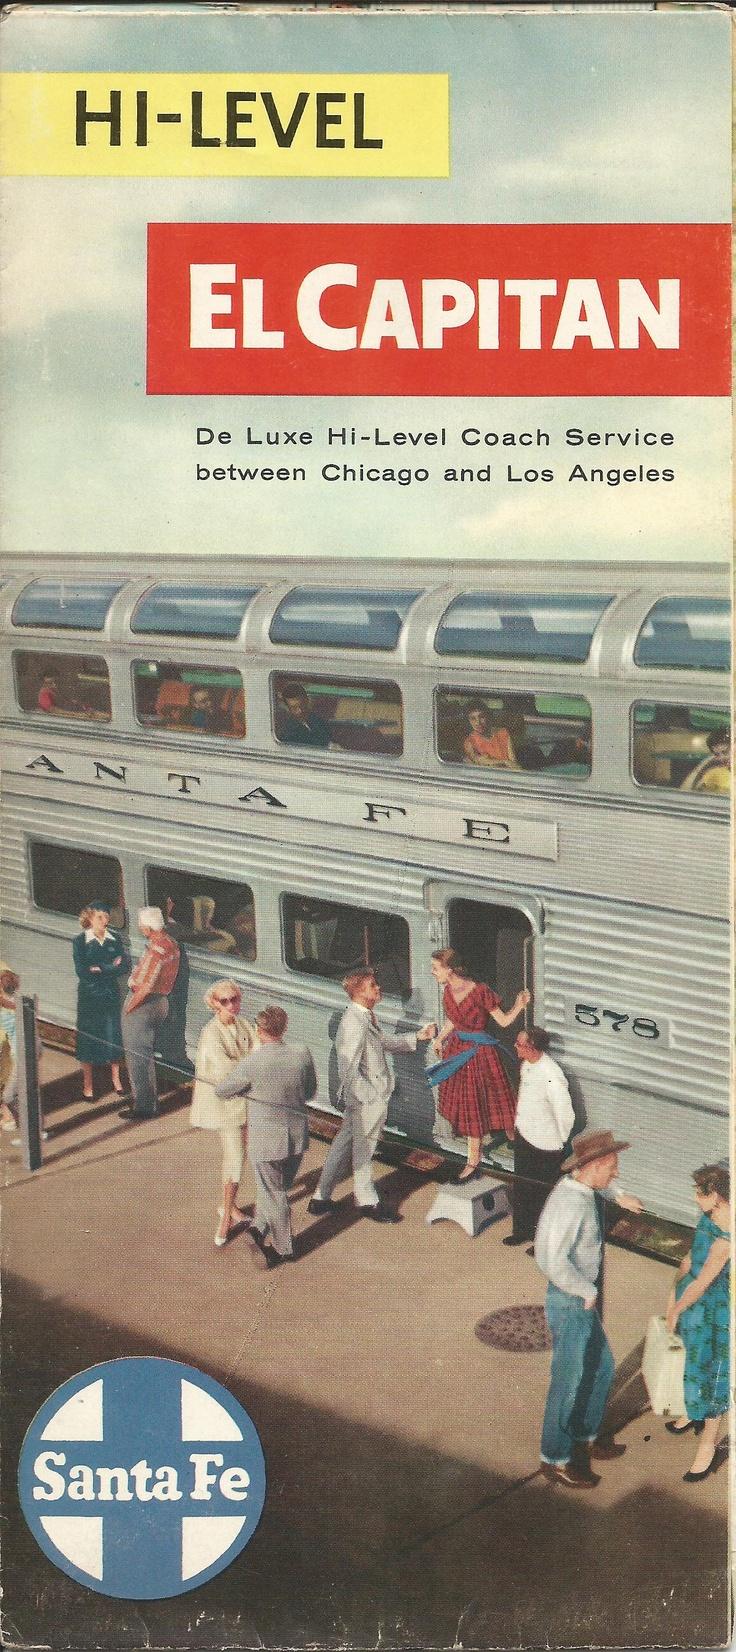 Brochure for Santa Fe's El Capitan.